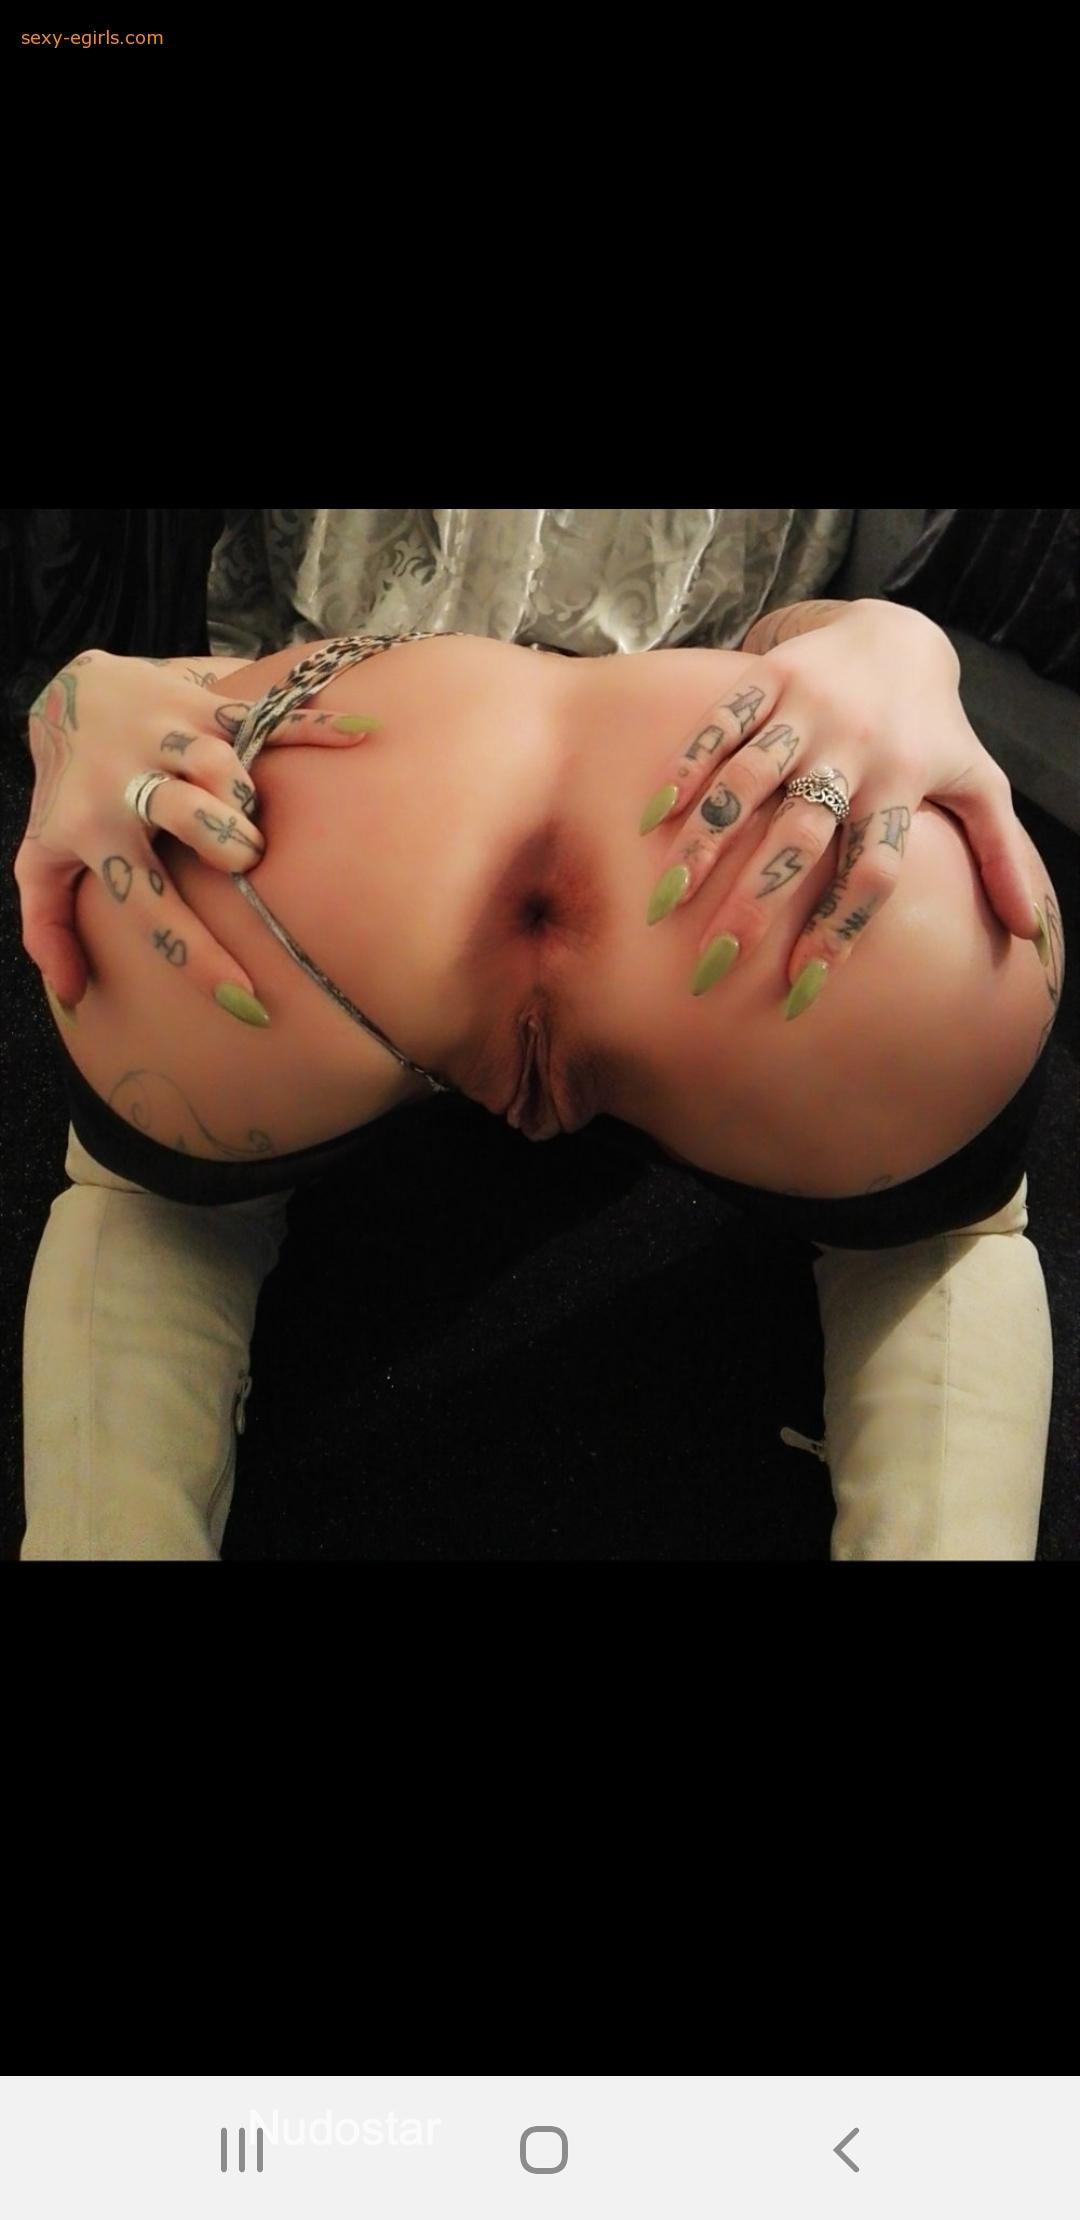 Zelenia Onlyfans Nudes Leaks 0001